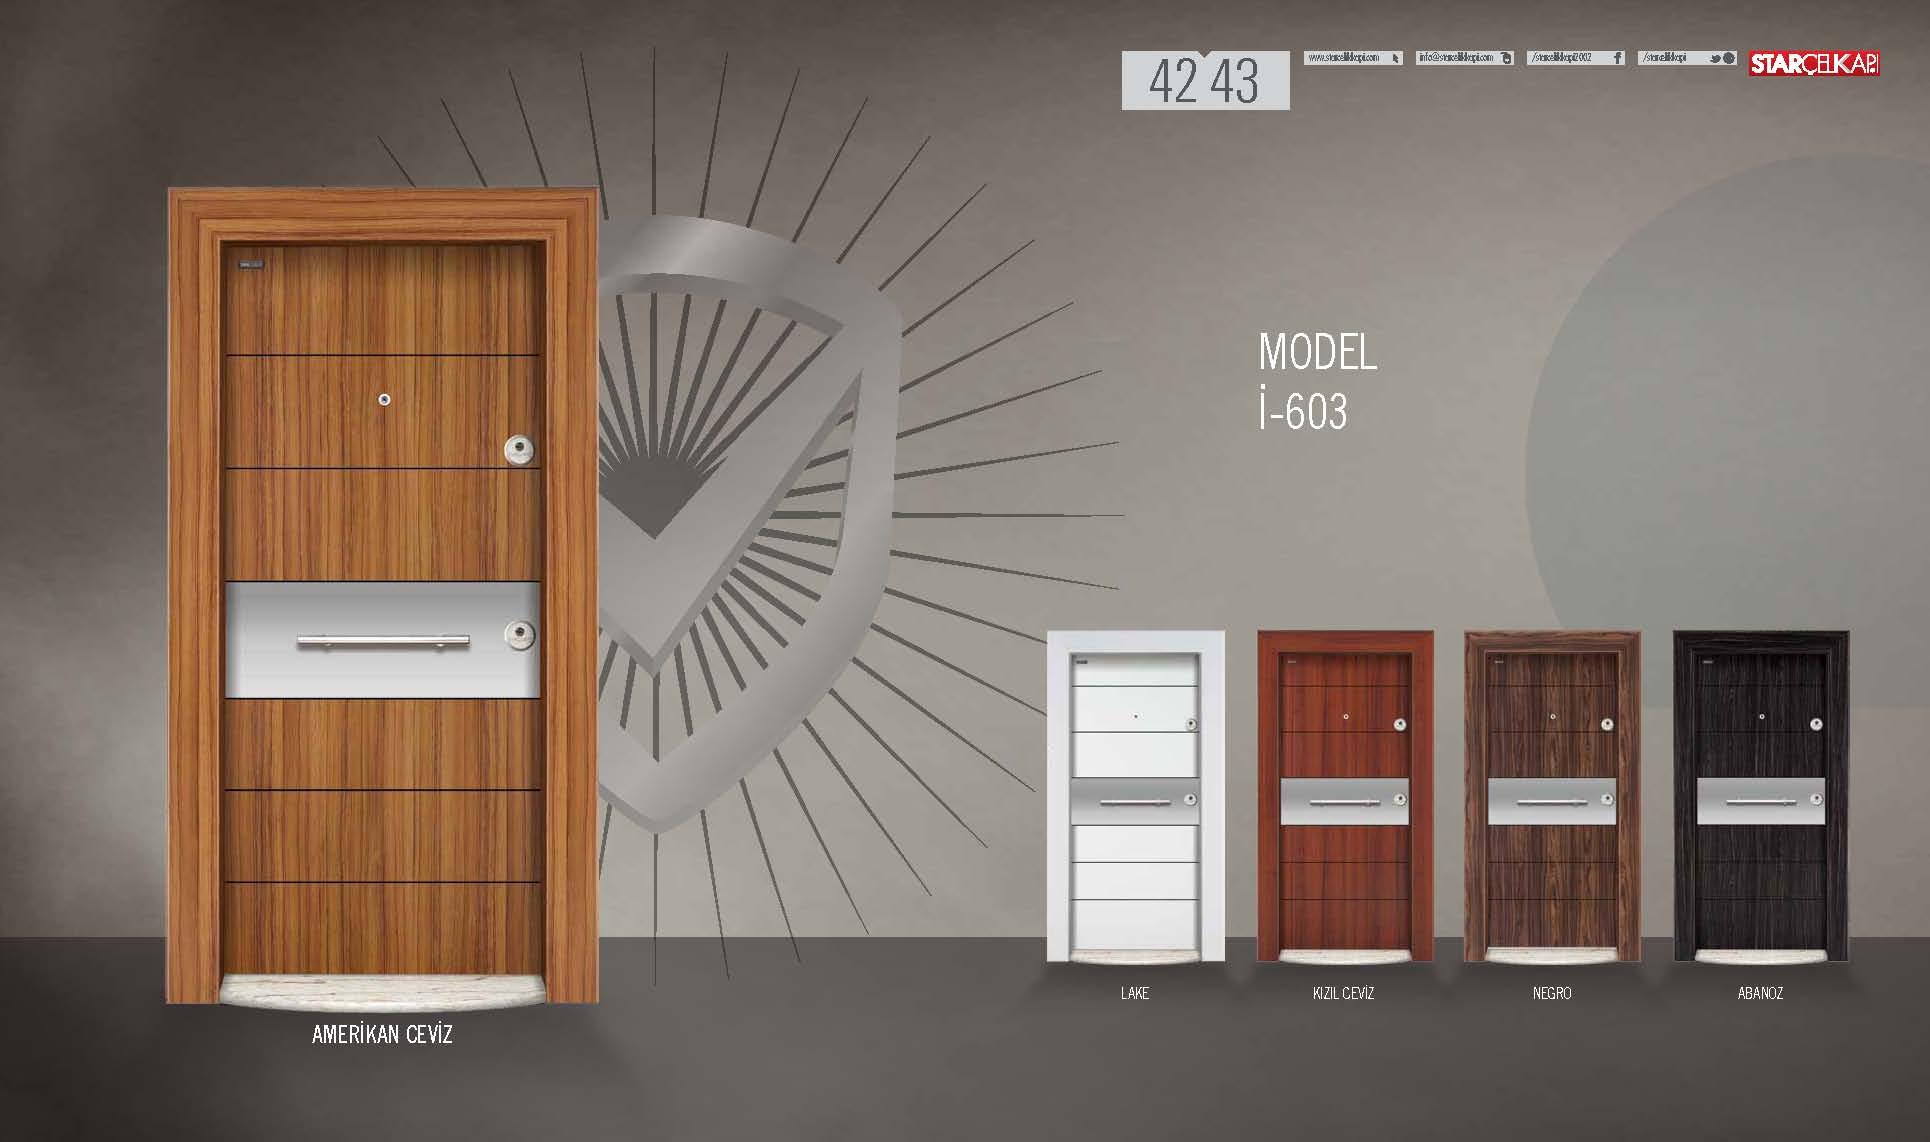 vhodni-vrati-starcelik_page_22